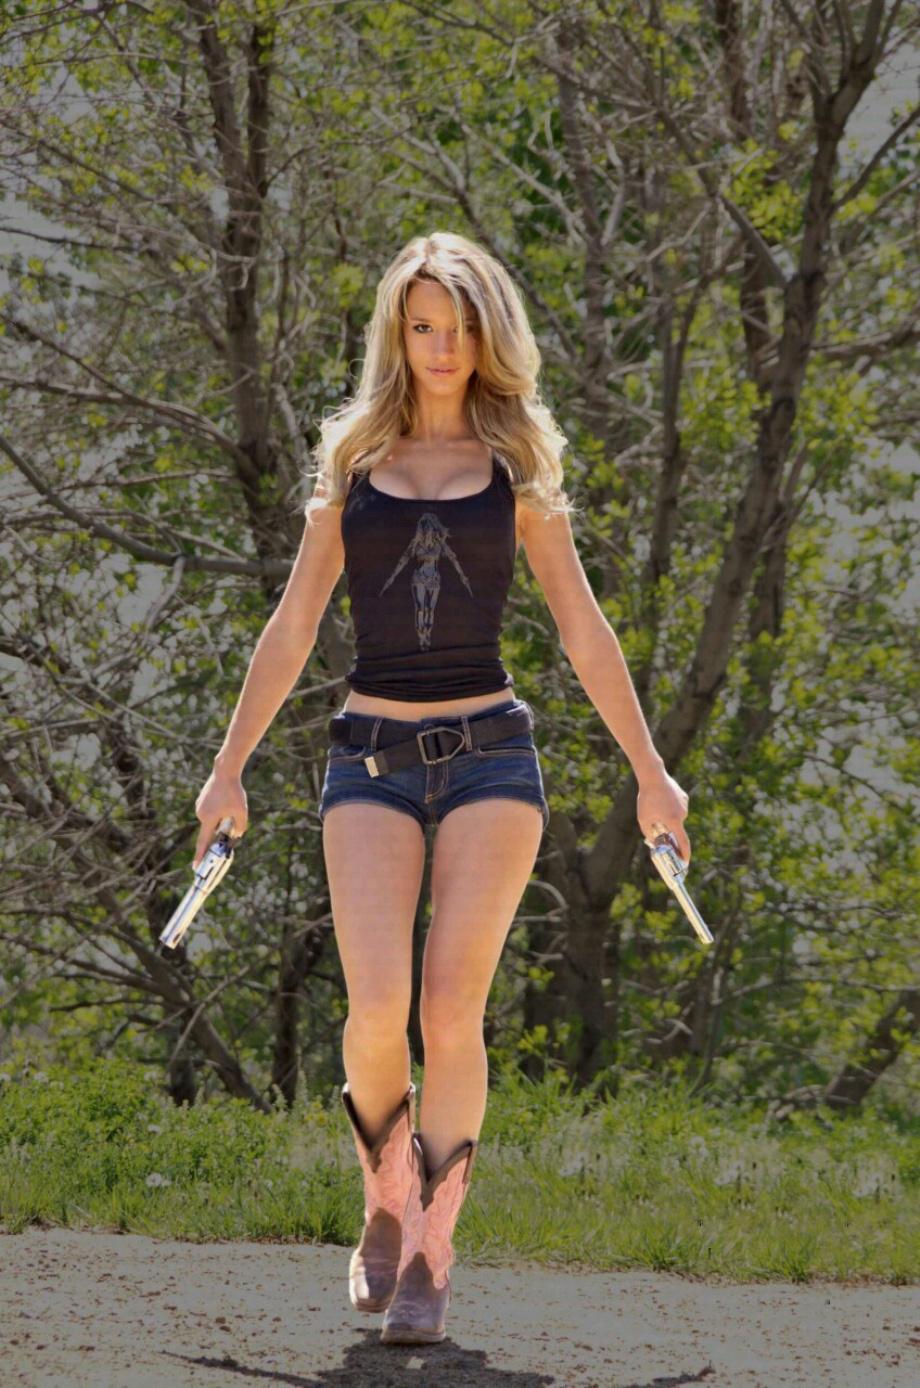 Секс ебет молодую красивую девочку в джинсовых шортах 11 фотография